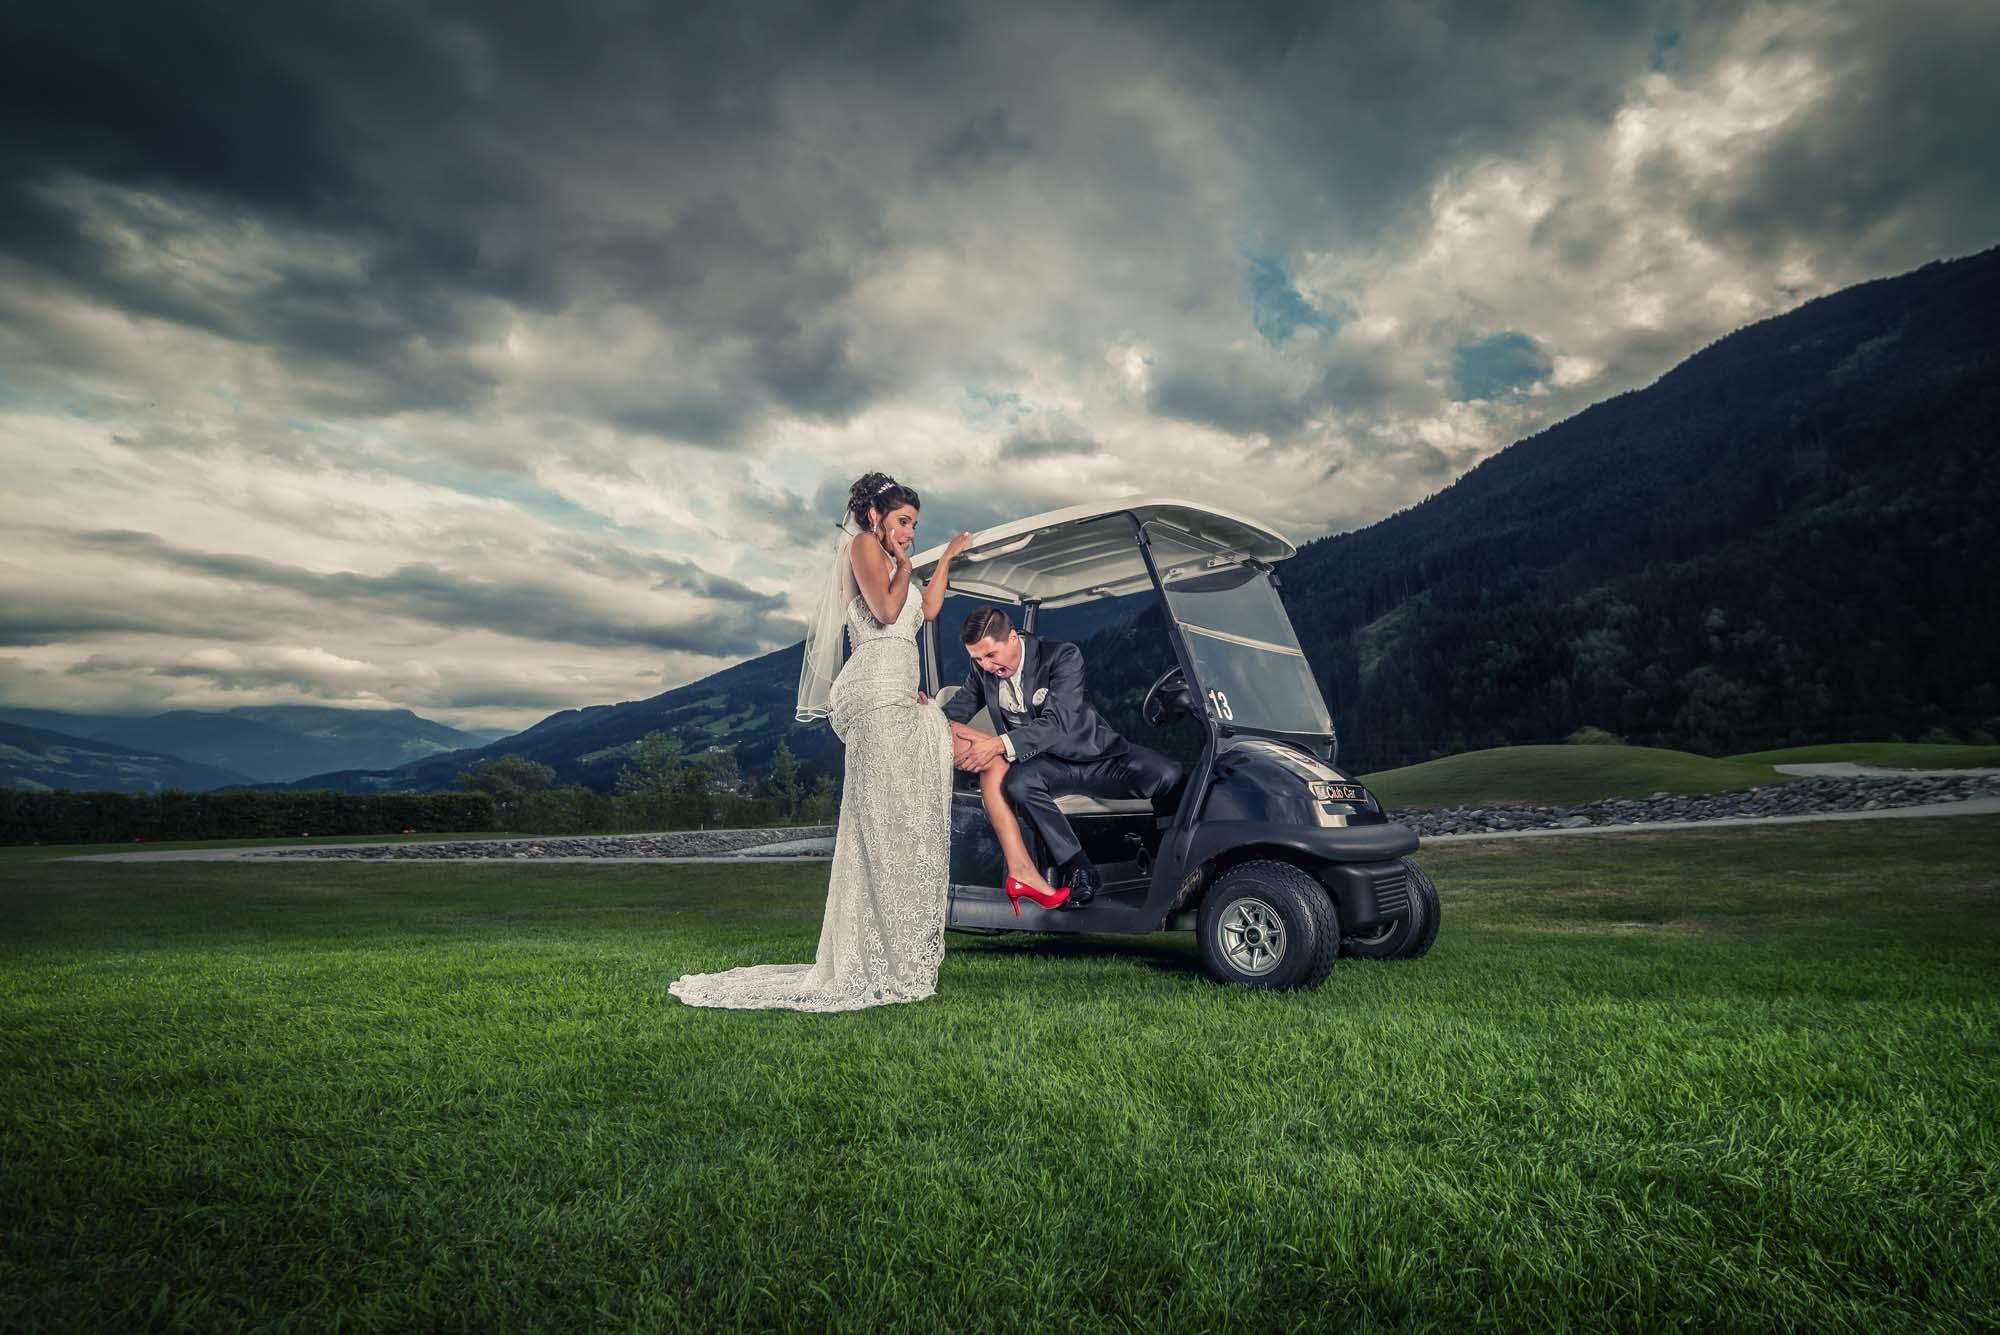 jbpictures – Hochzeitsfotografie